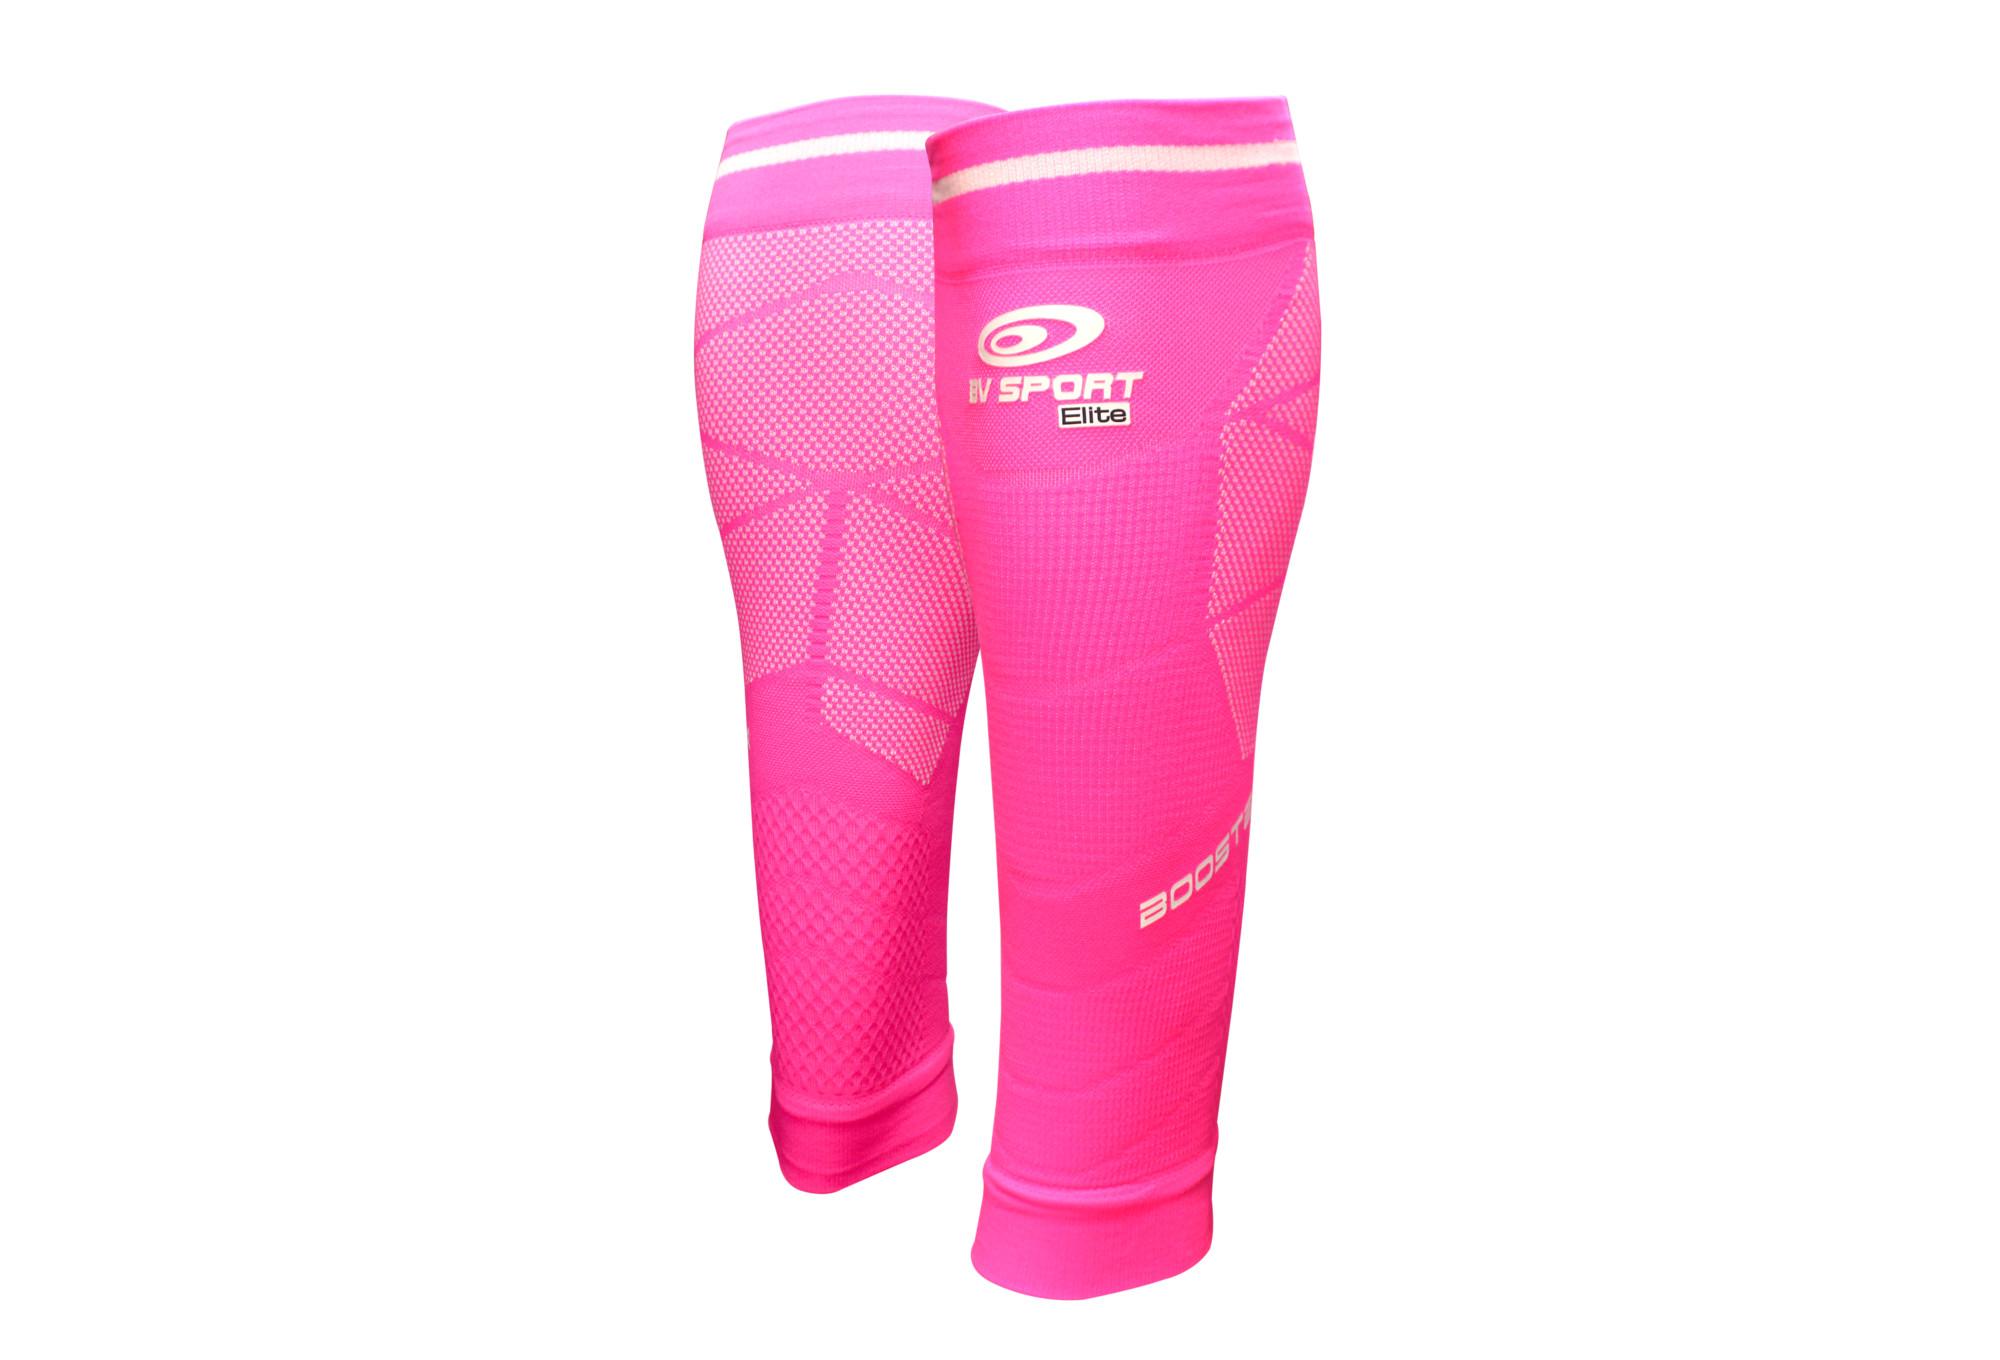 negozio di sconto selezione migliore dopo BV Sport Booster Elite Evo2 Pink